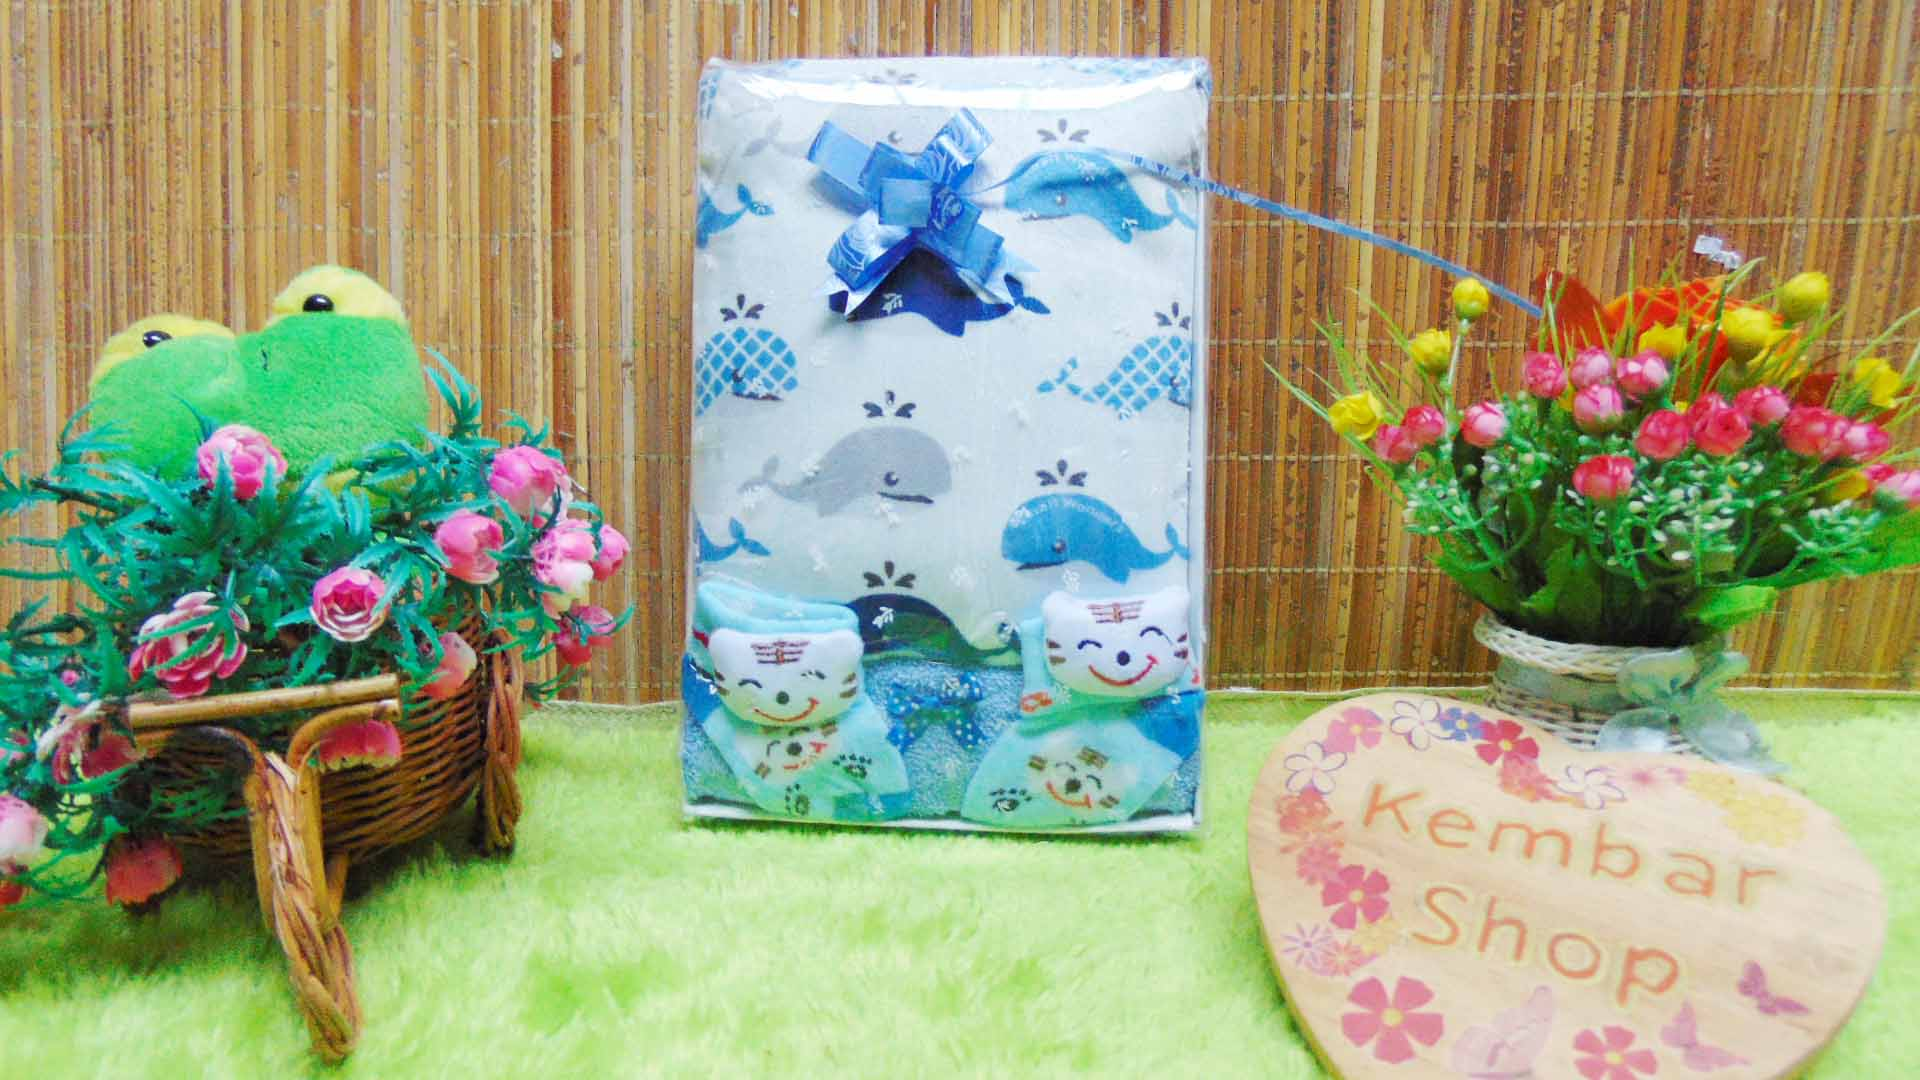 FREE KARTU UCAPAN Kado Lahiran Paket Kado Bayi Baby Gift Box Selimut Carter Plus Baby Sock BOY Acak (1)